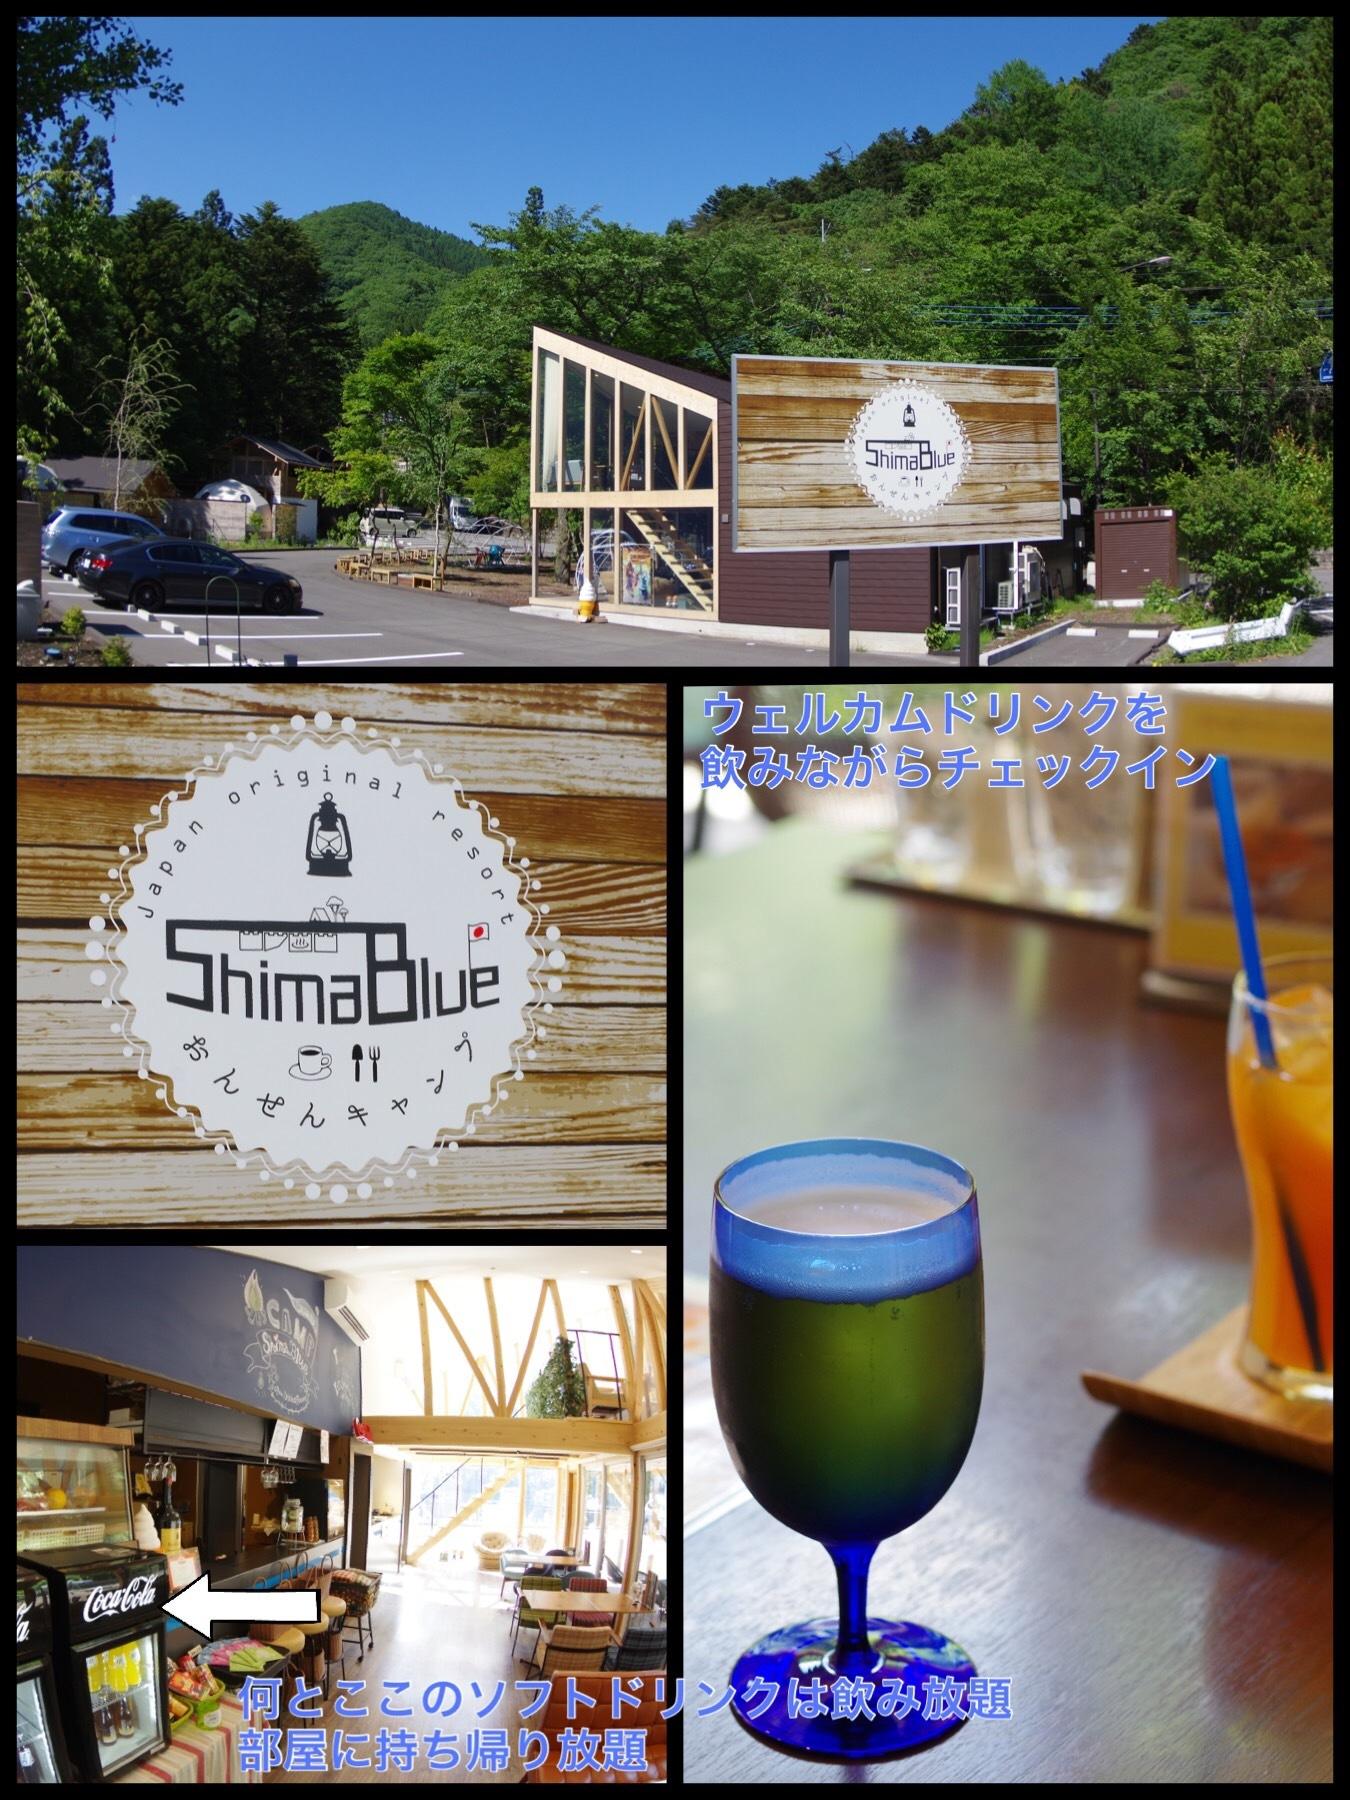 四万温泉 Shima blue 宿泊記 シマブルー グランピング